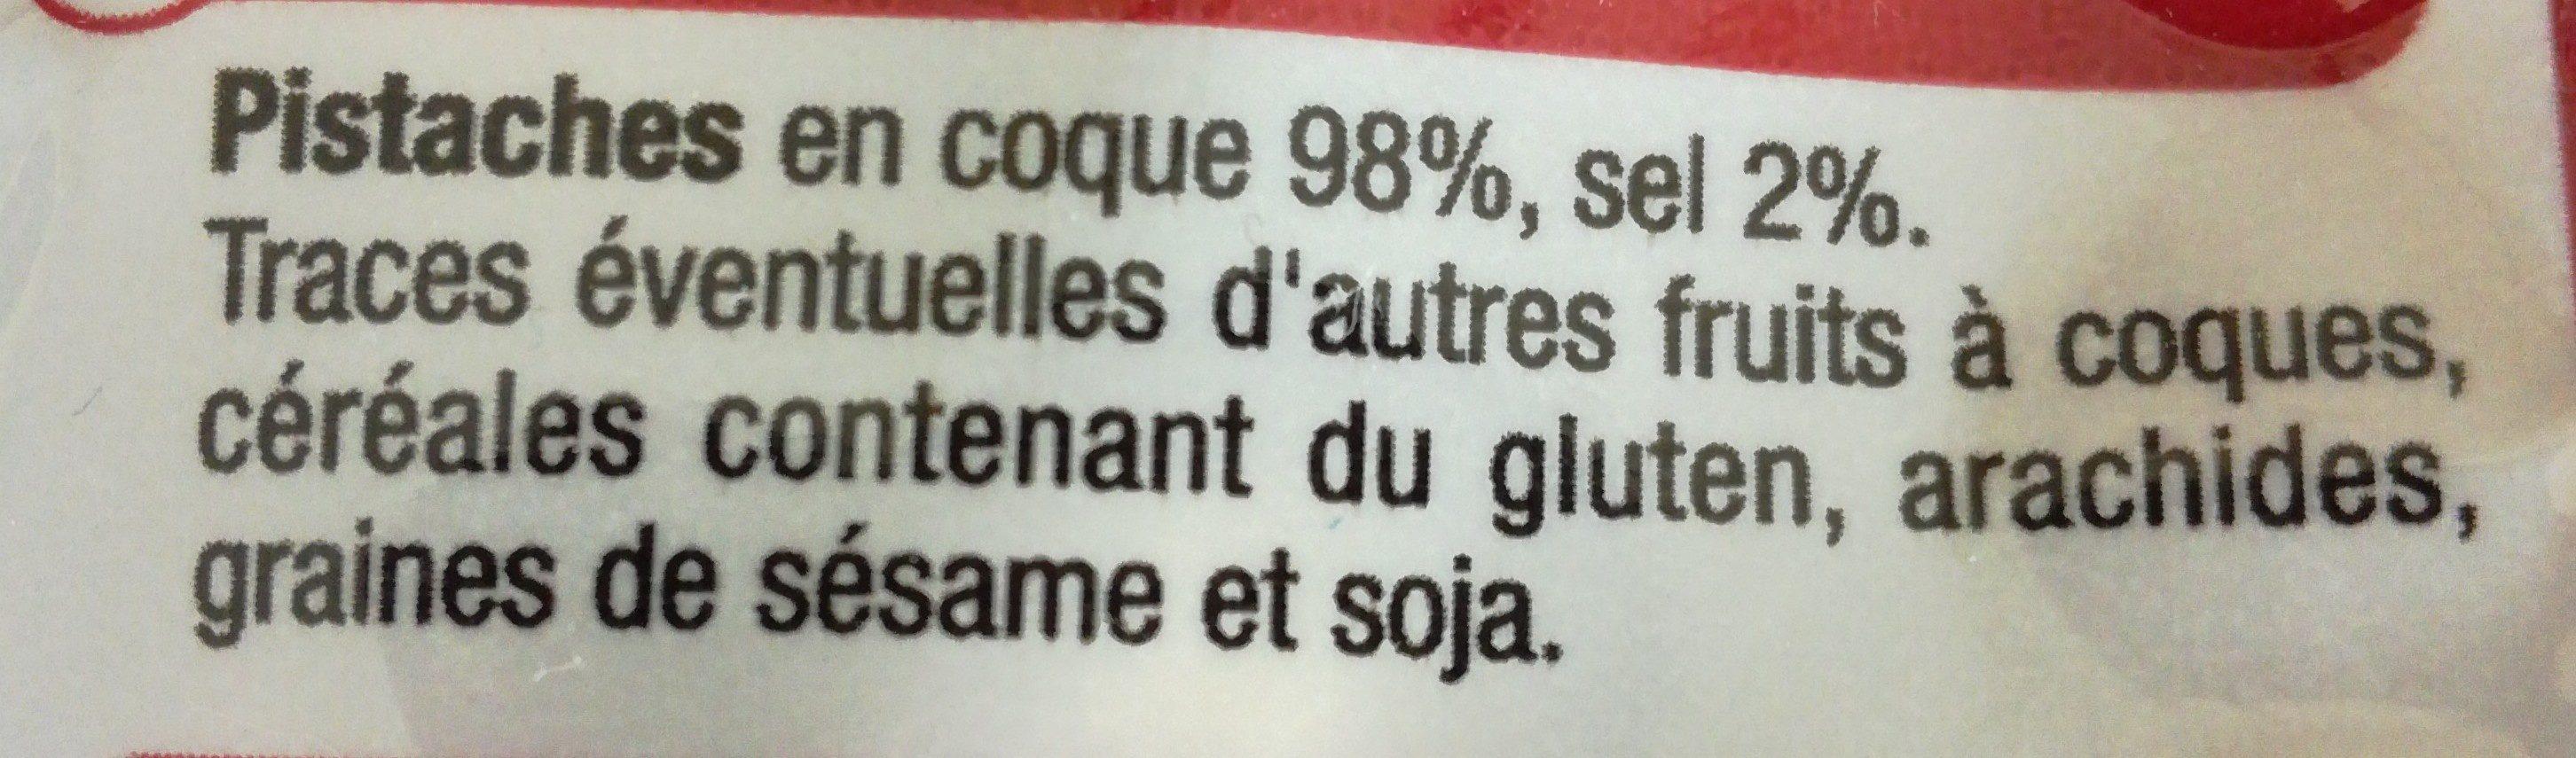 Pistache coque grillée salée - Ingredients - fr